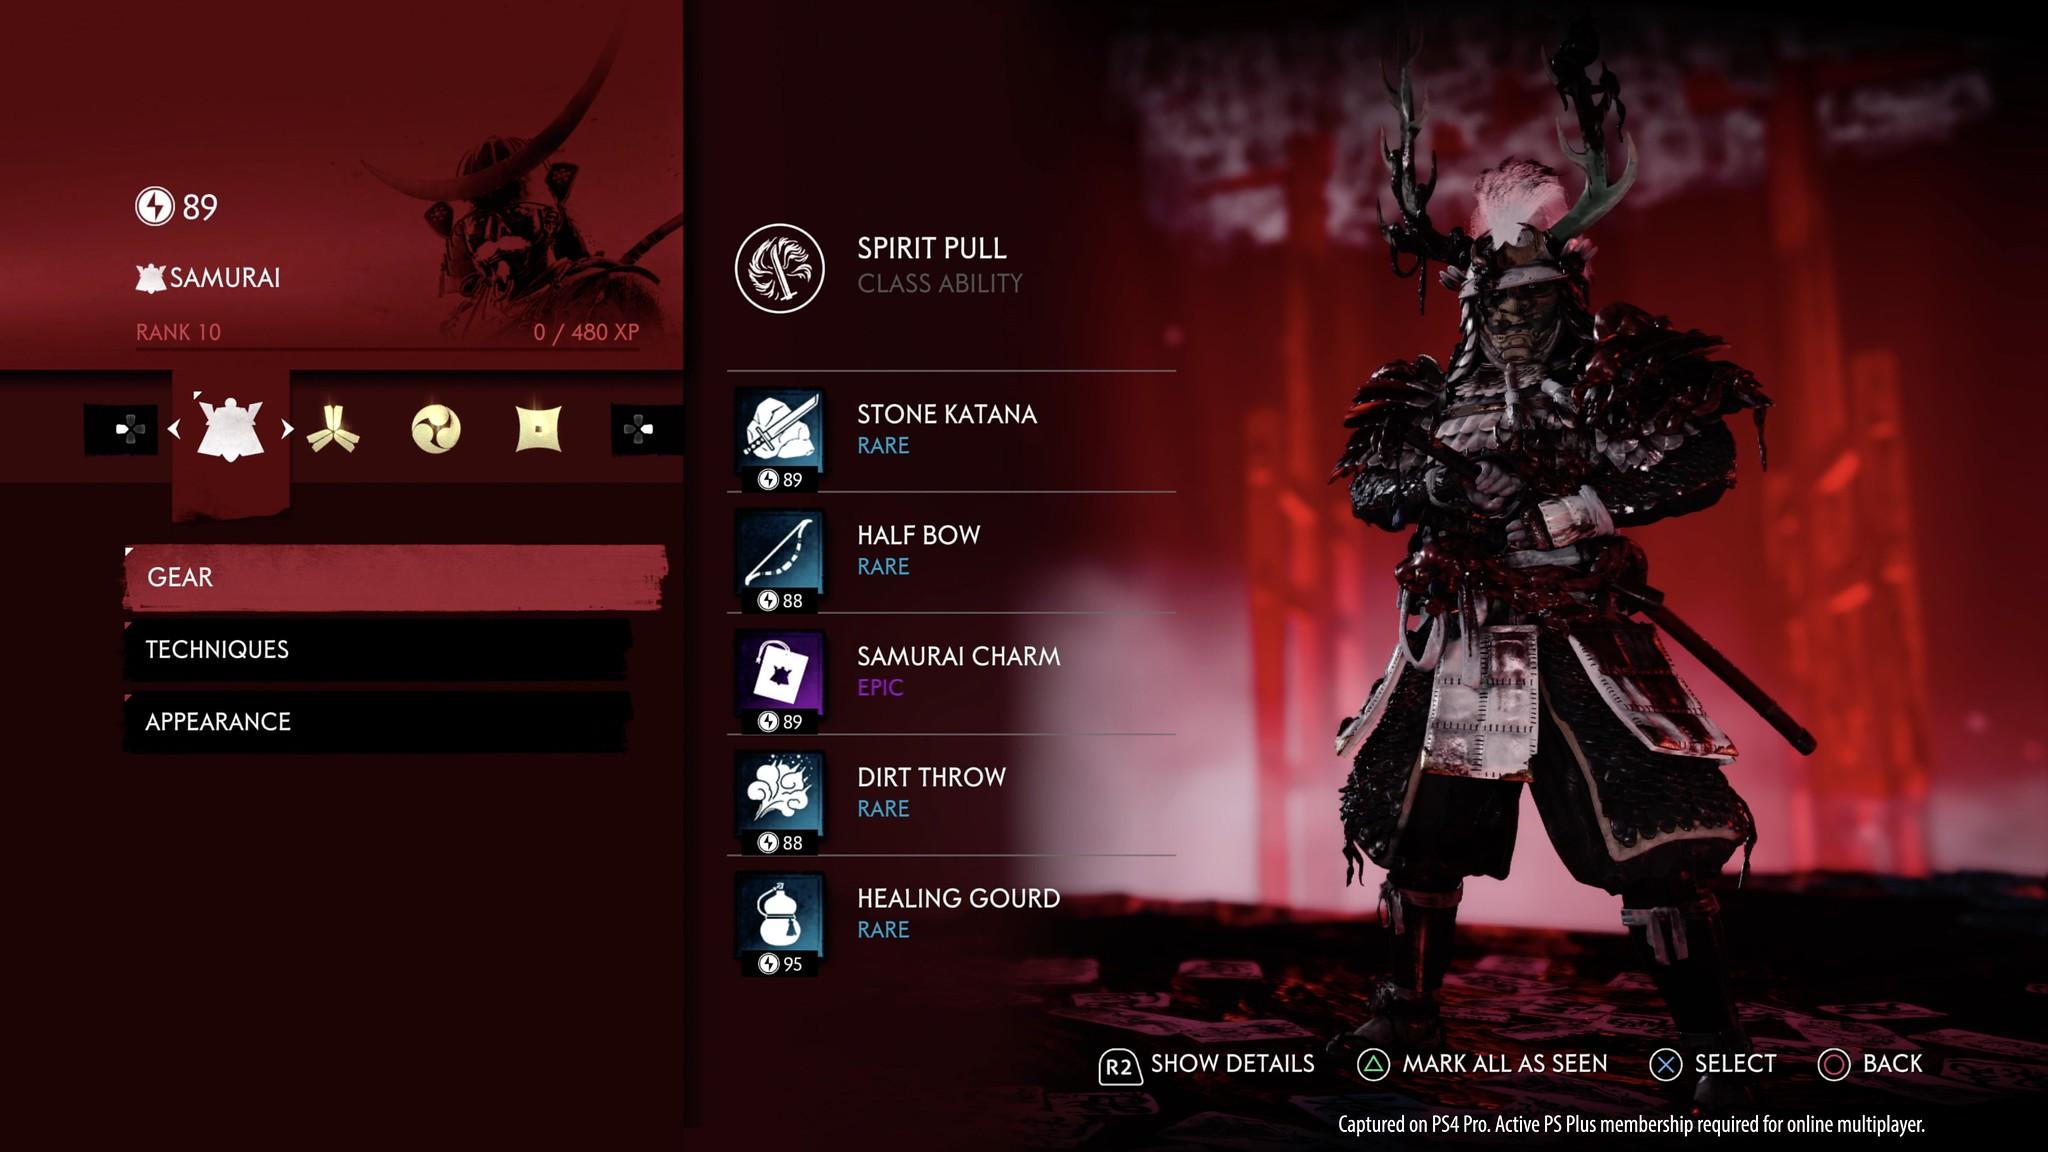 samurai got